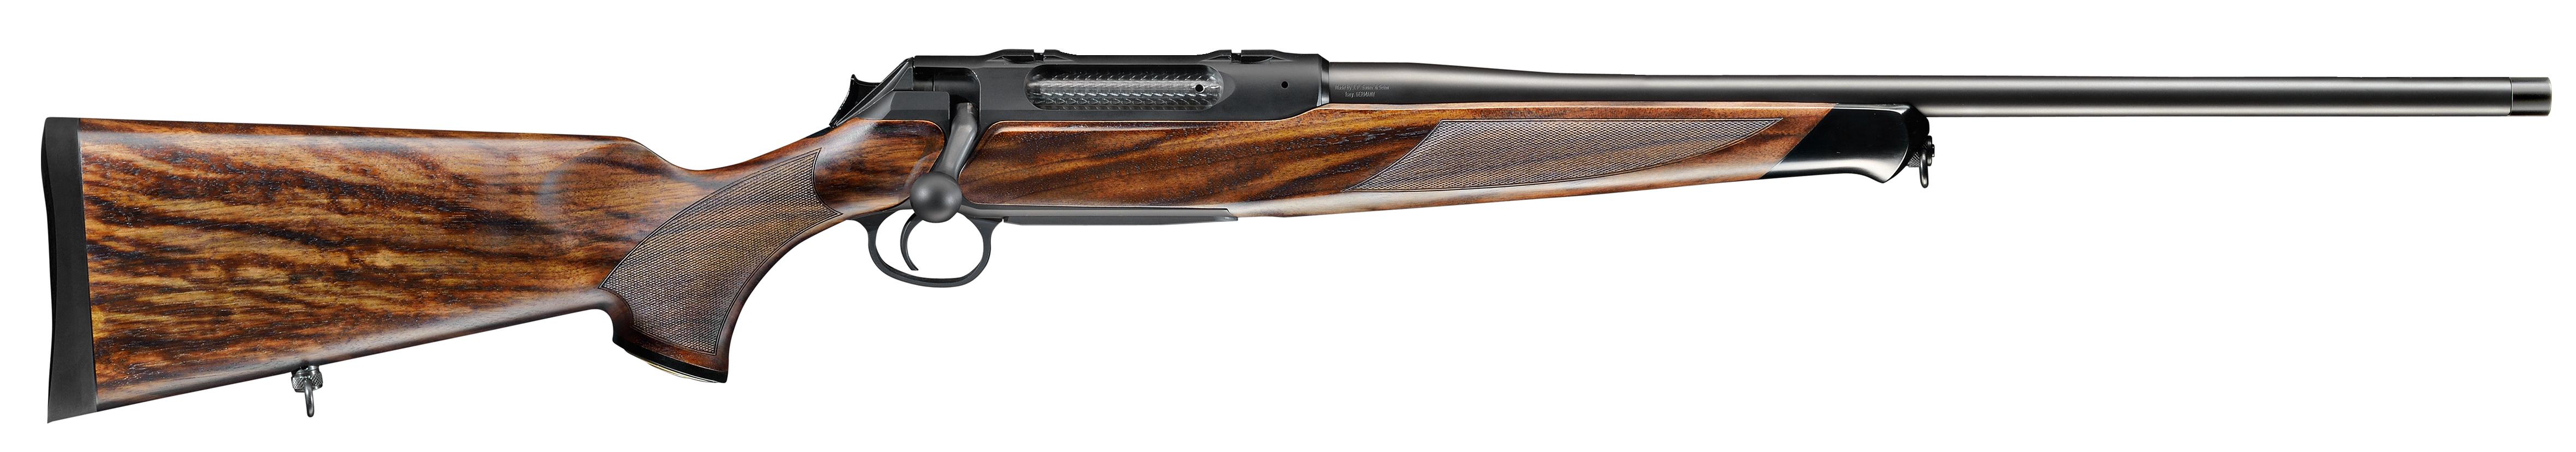 Sauer 404 Select SR .308 kivääri